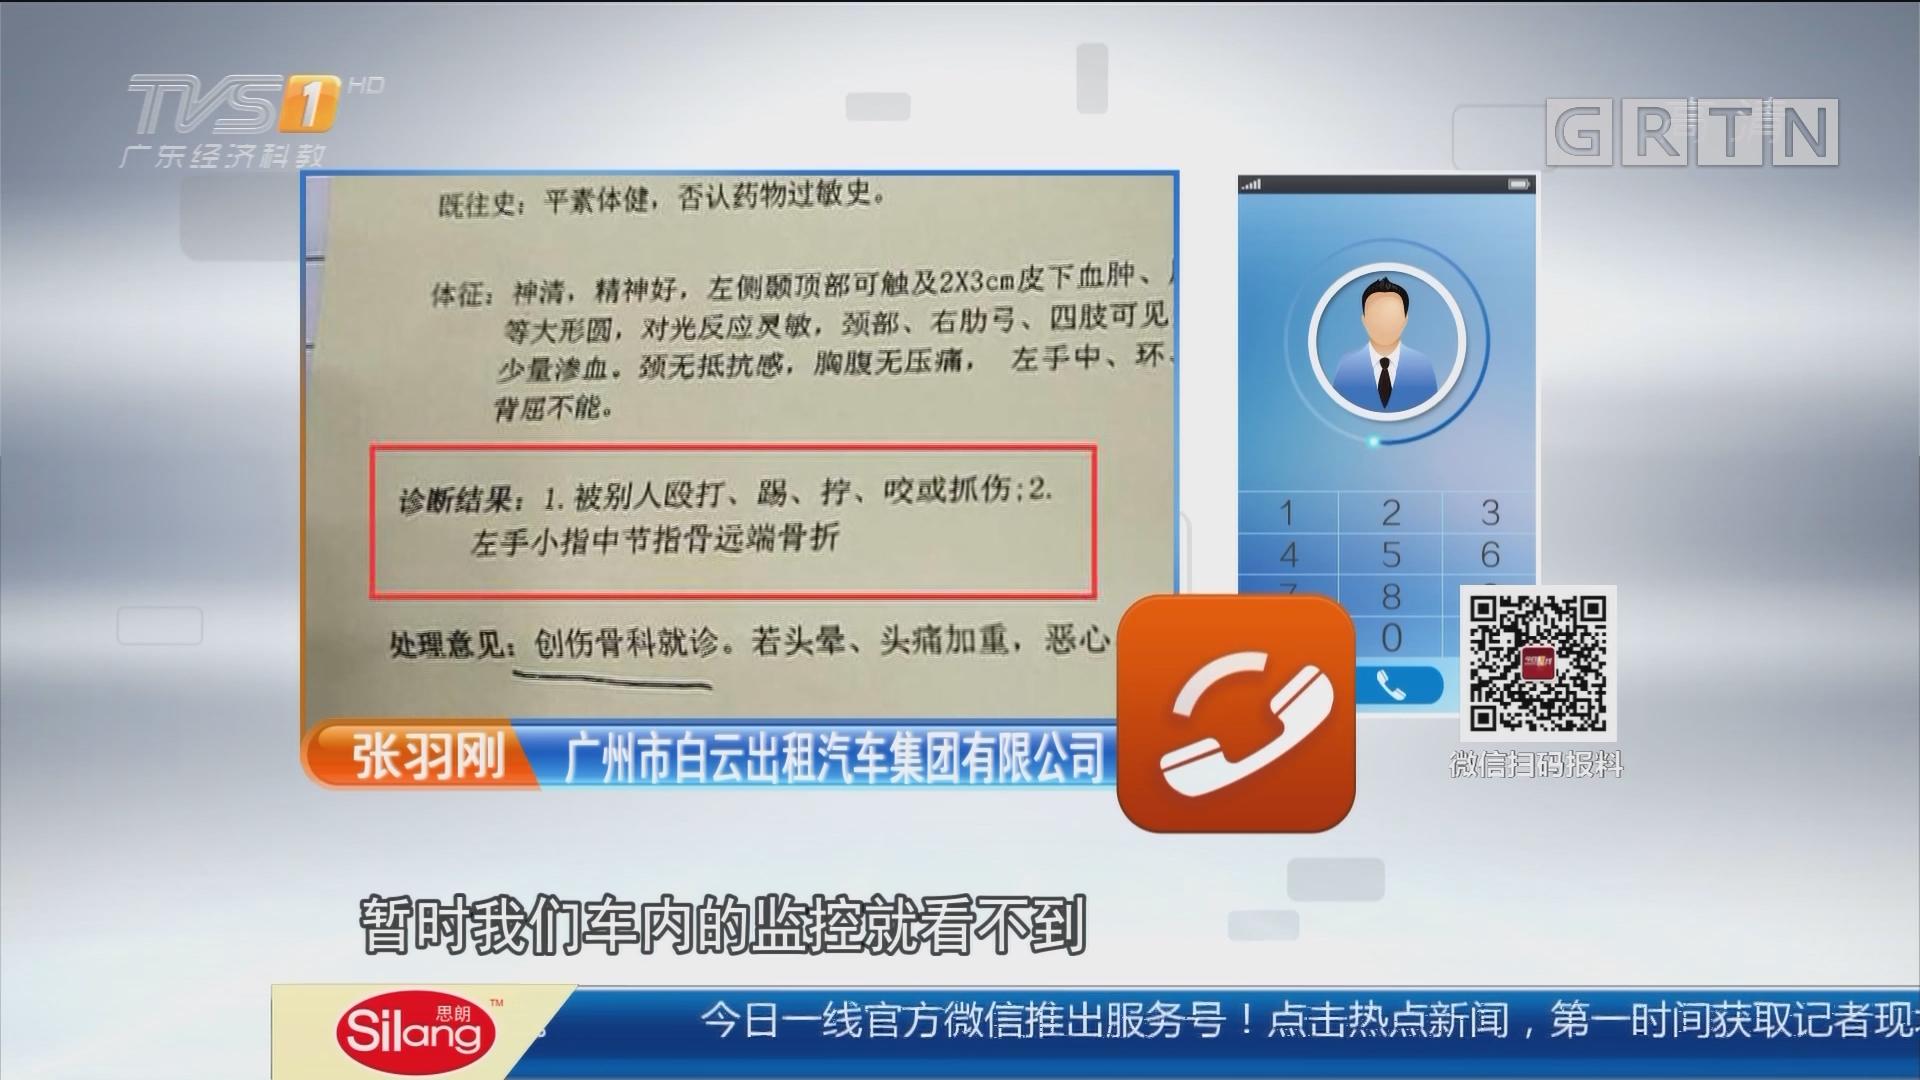 广州荔湾:的哥拒载在先 竟还动手打人推搡孕妇?